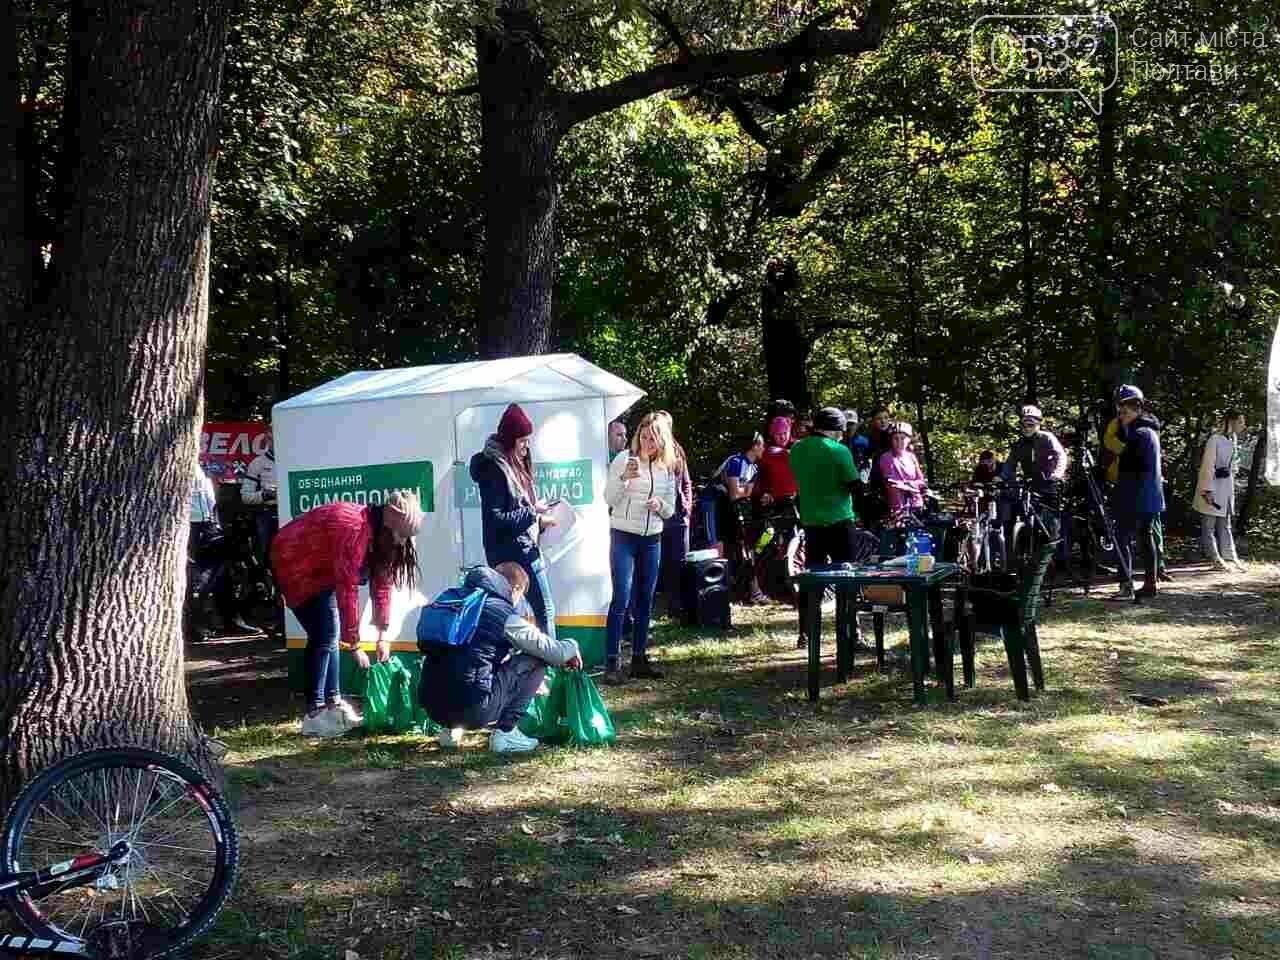 Драйвова субота: у Дендропарку полтавці на велосипедах розгадують квест з кашею та глінтвейном, фото-3